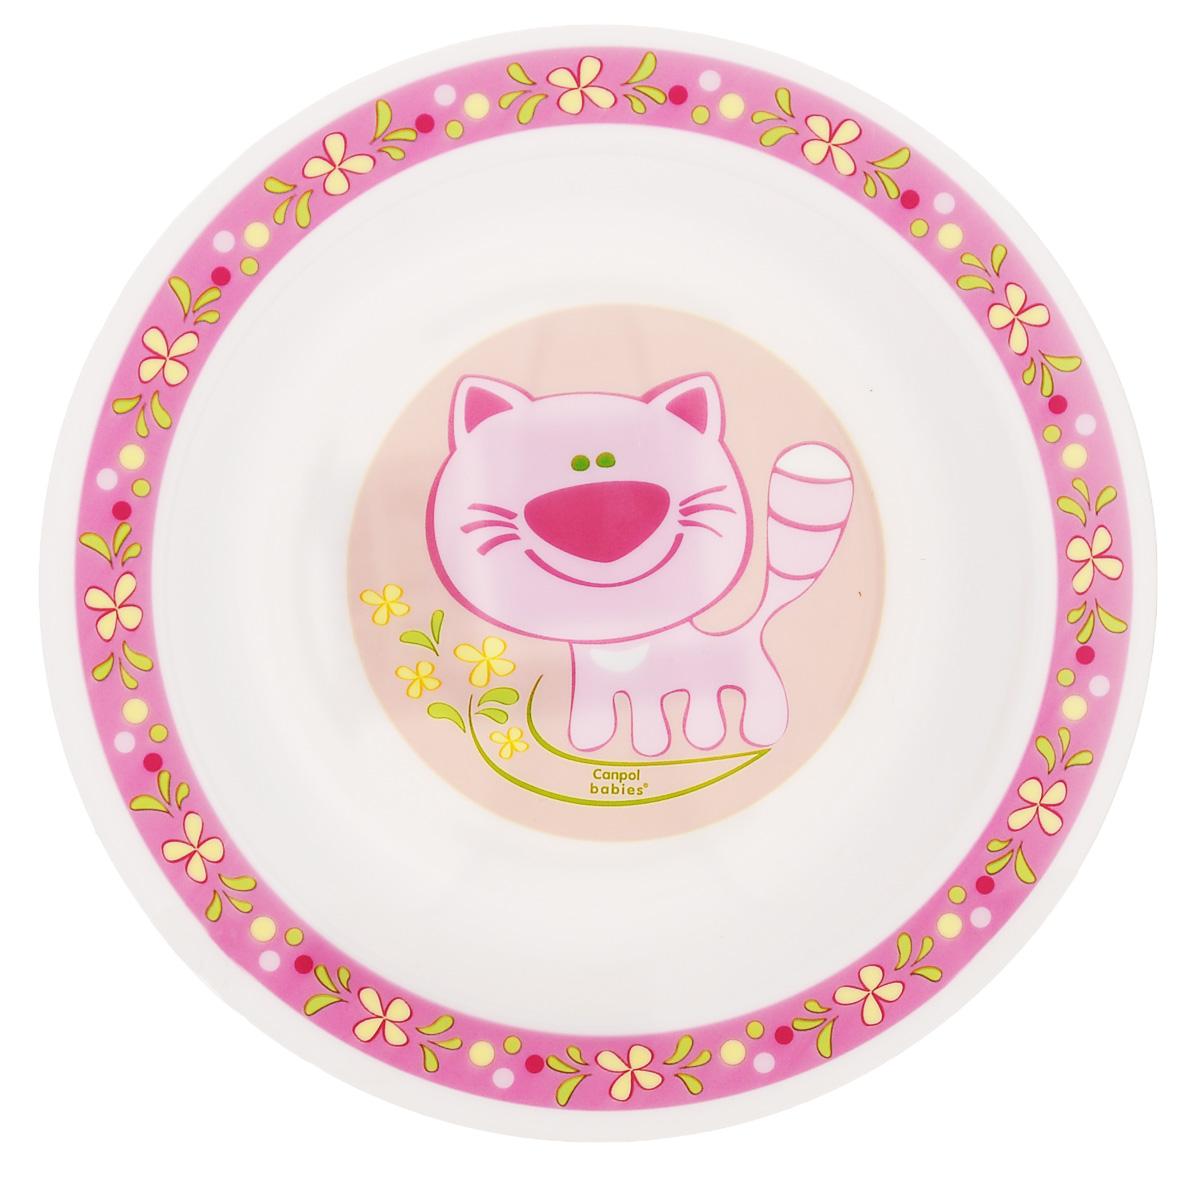 Canpol Babies Тарелка детская глубокая Кот цвет розовый диаметр 18 см4/412_розовый/котДетская глубокая тарелка Canpol Babies Розовый кот идеально подойдет для кормления малыша и самостоятельного приема им пищи.Тарелочка выполнена из высококачественного полипропилена, дно оформлено изображением розового котика. Не предназначена для разогрева сильно жирной пищи.Объем тарелки: 270 мл.